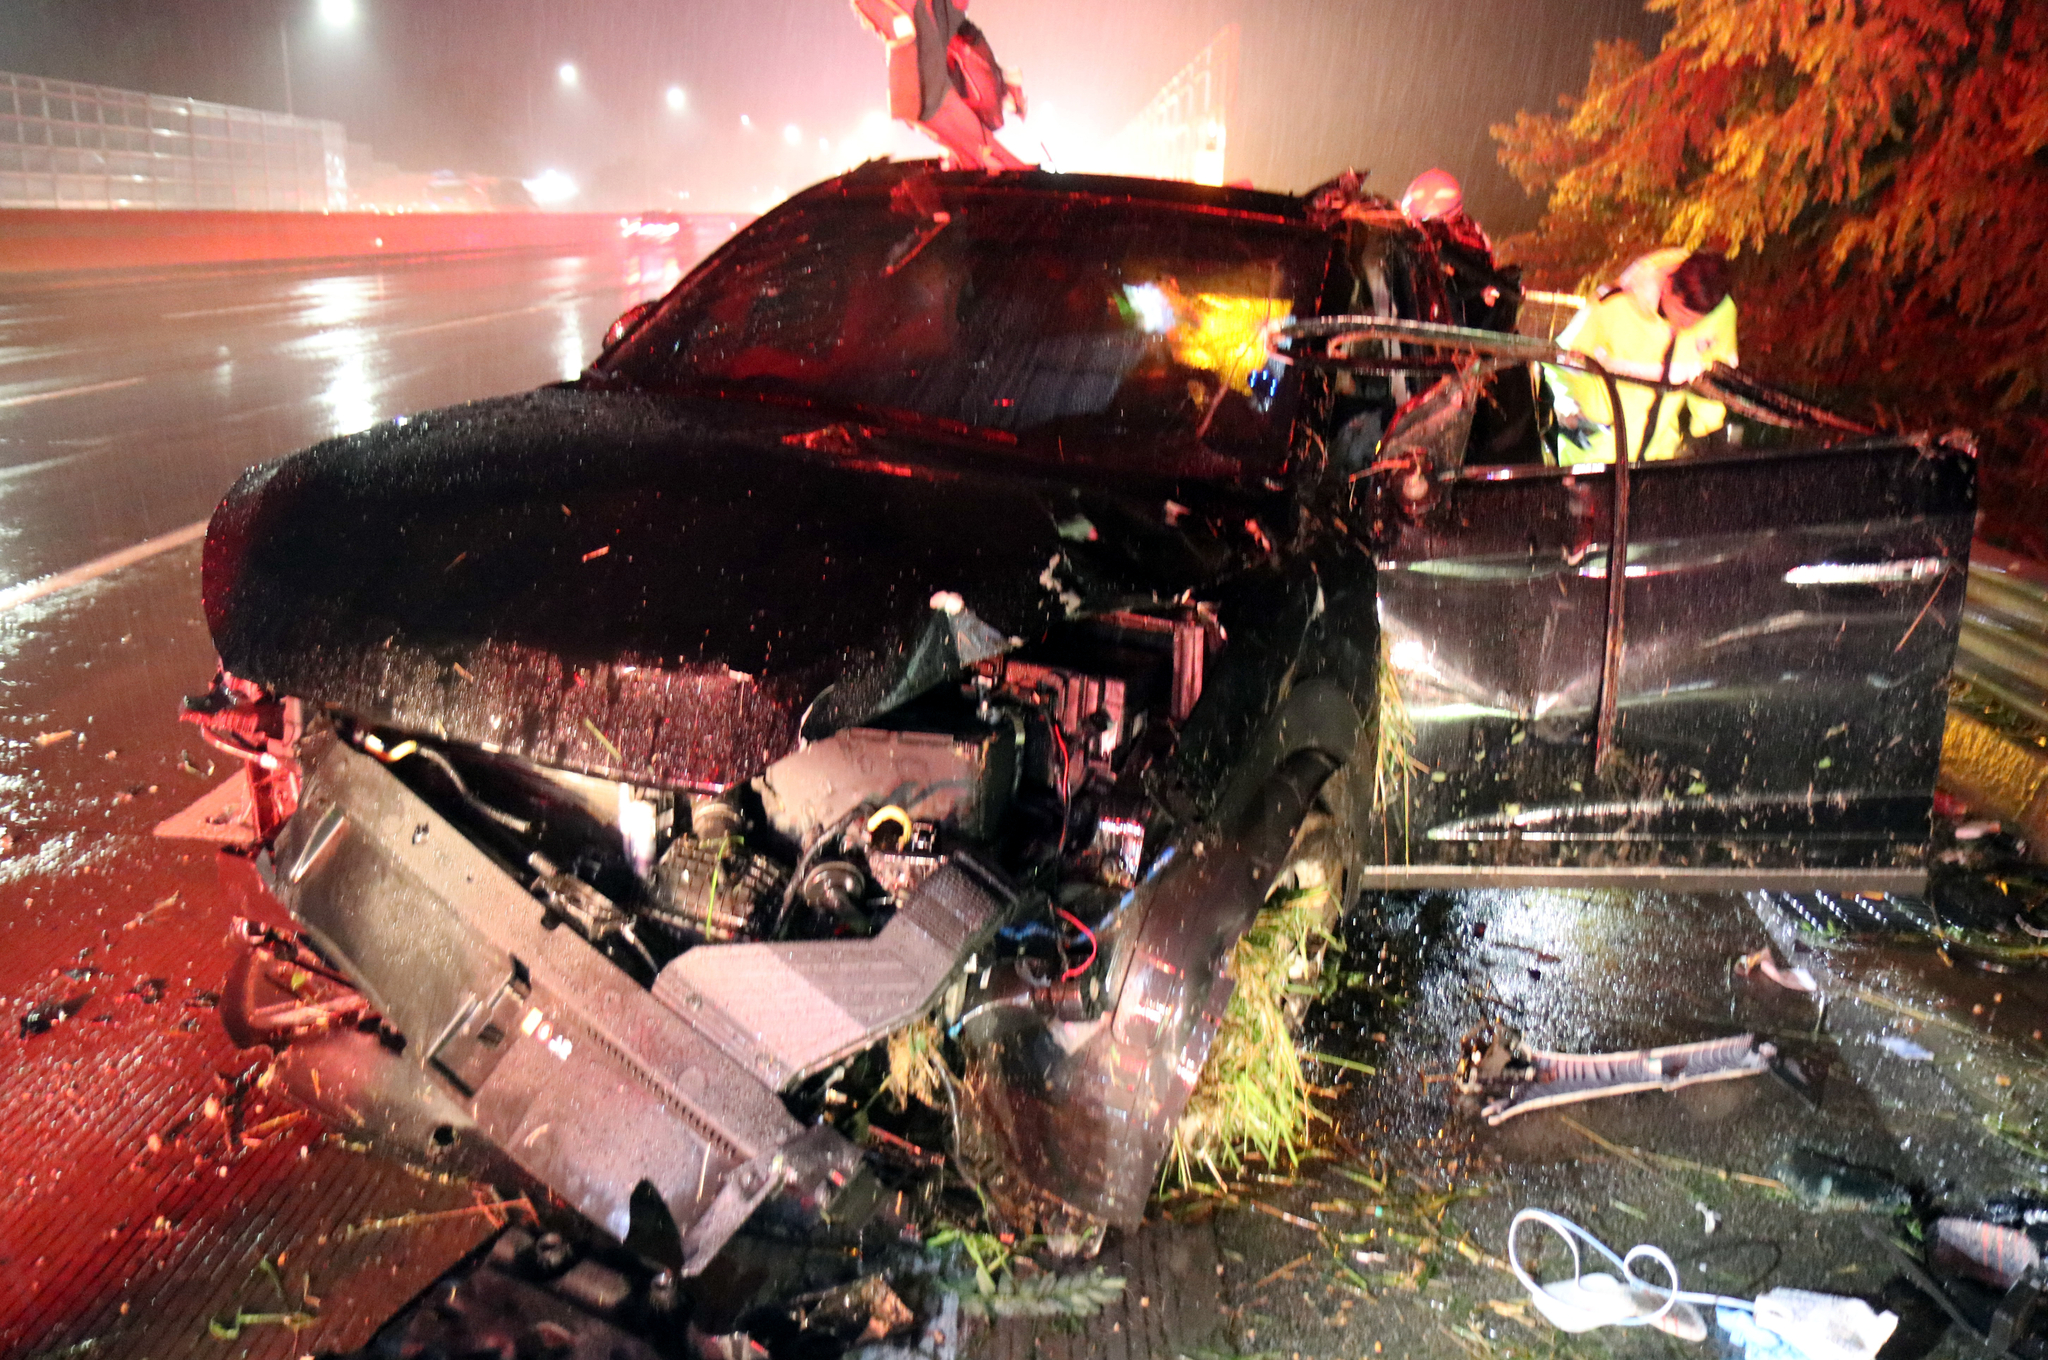 지난 7월 27일 호남고속도로에서 발생한 교통사고. 승용차가 가드레일 들이받으면서 안전띠를 하지 않았던 두명이 차량 밖으로 떨어져 숨졌다. [연합뉴스]